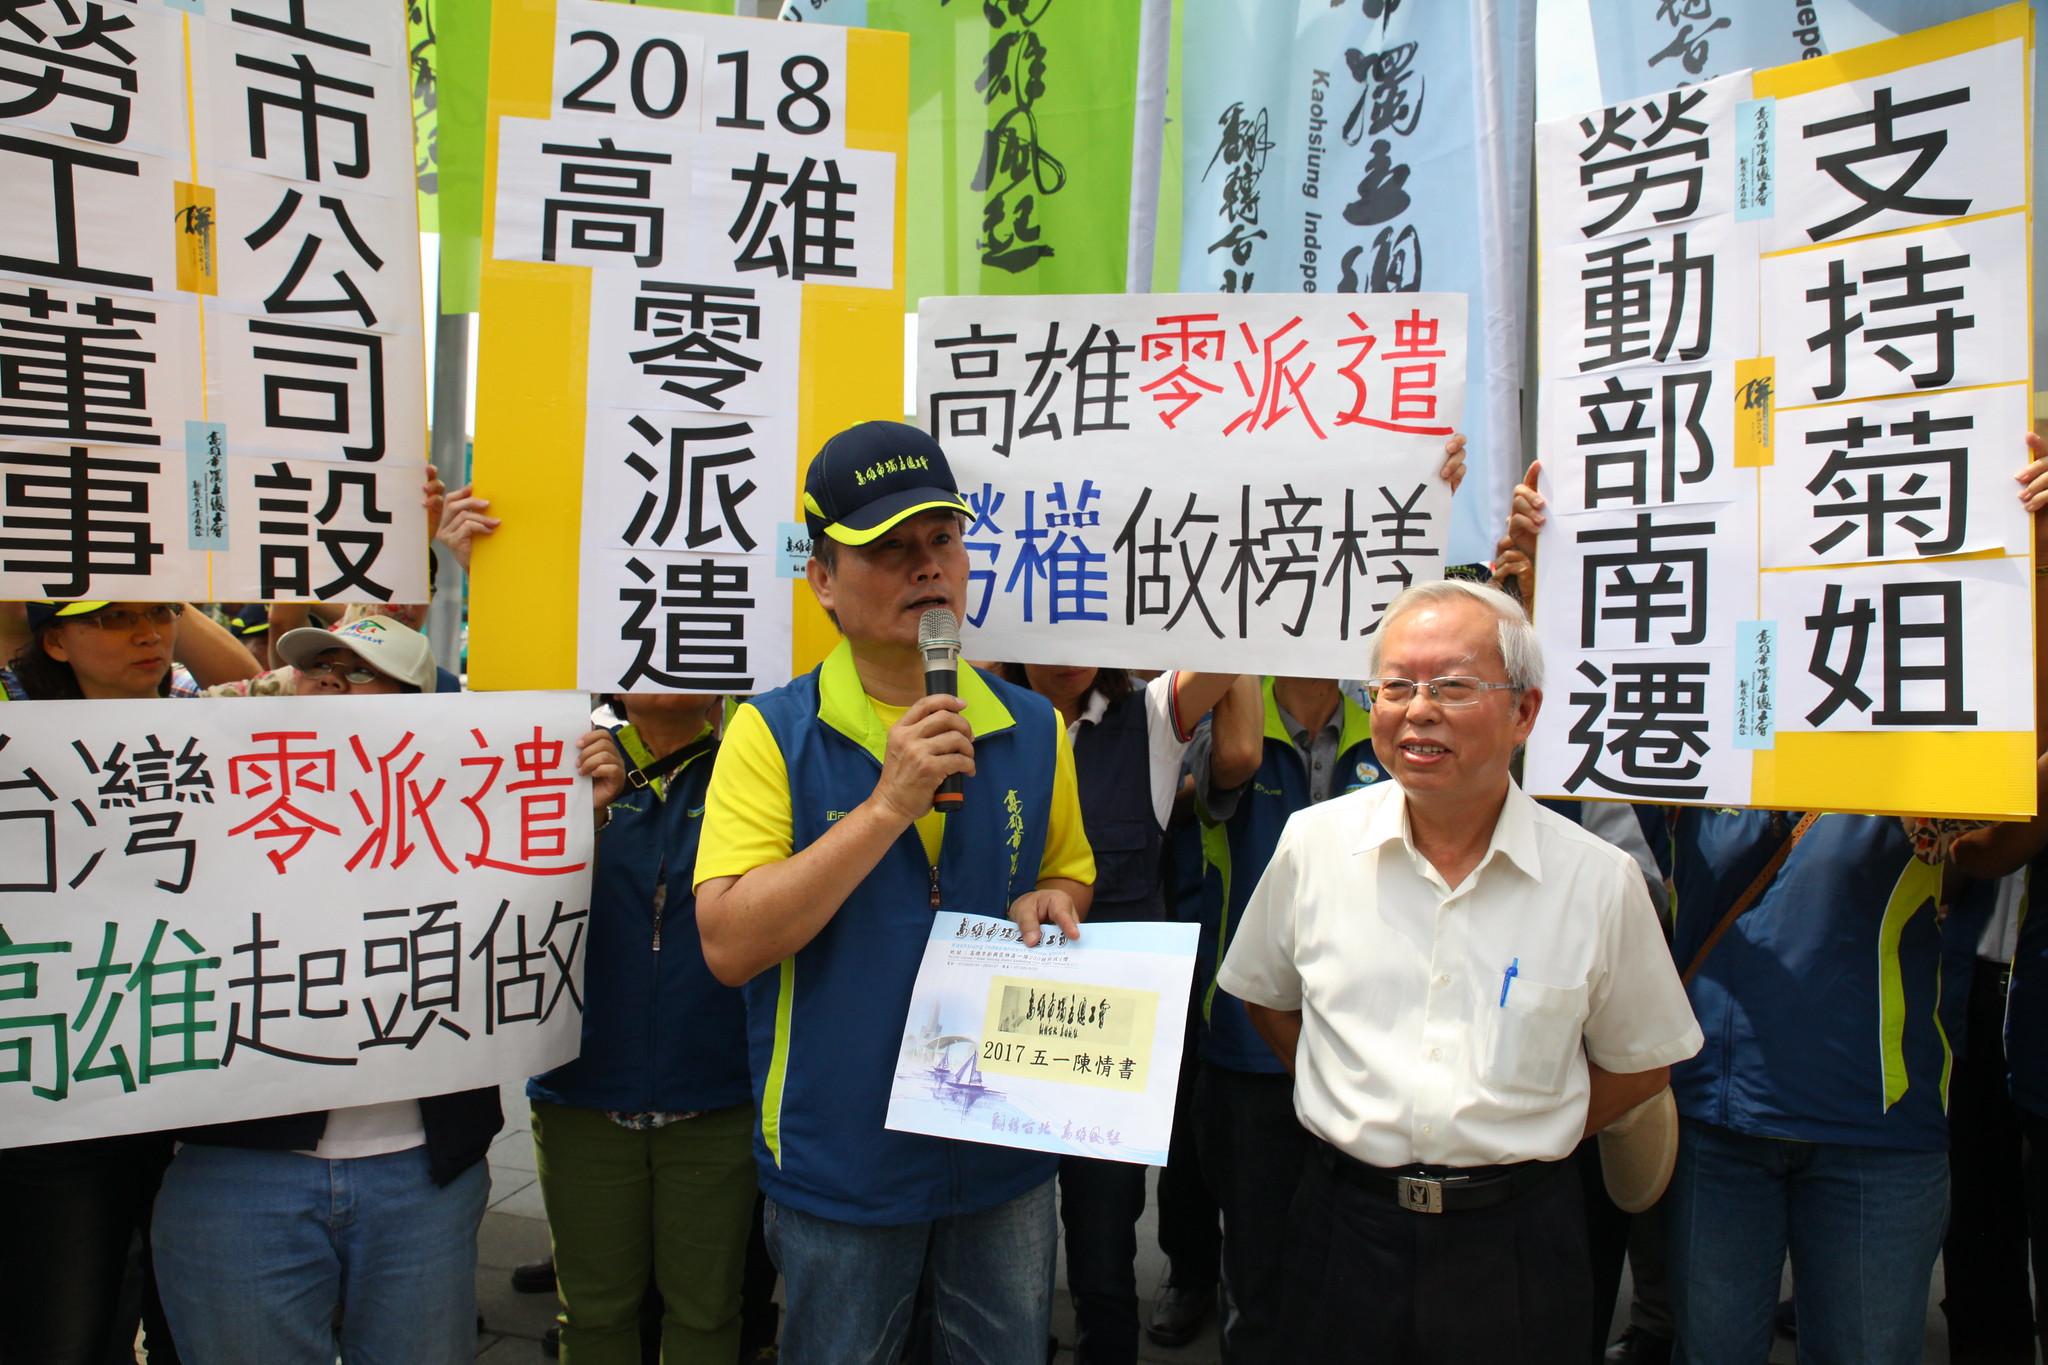 右為高雄市勞工局副局長李煥熏,出面接受陳情,對工會今日的訴求,表示會傳達。(攝影:陳逸婷)